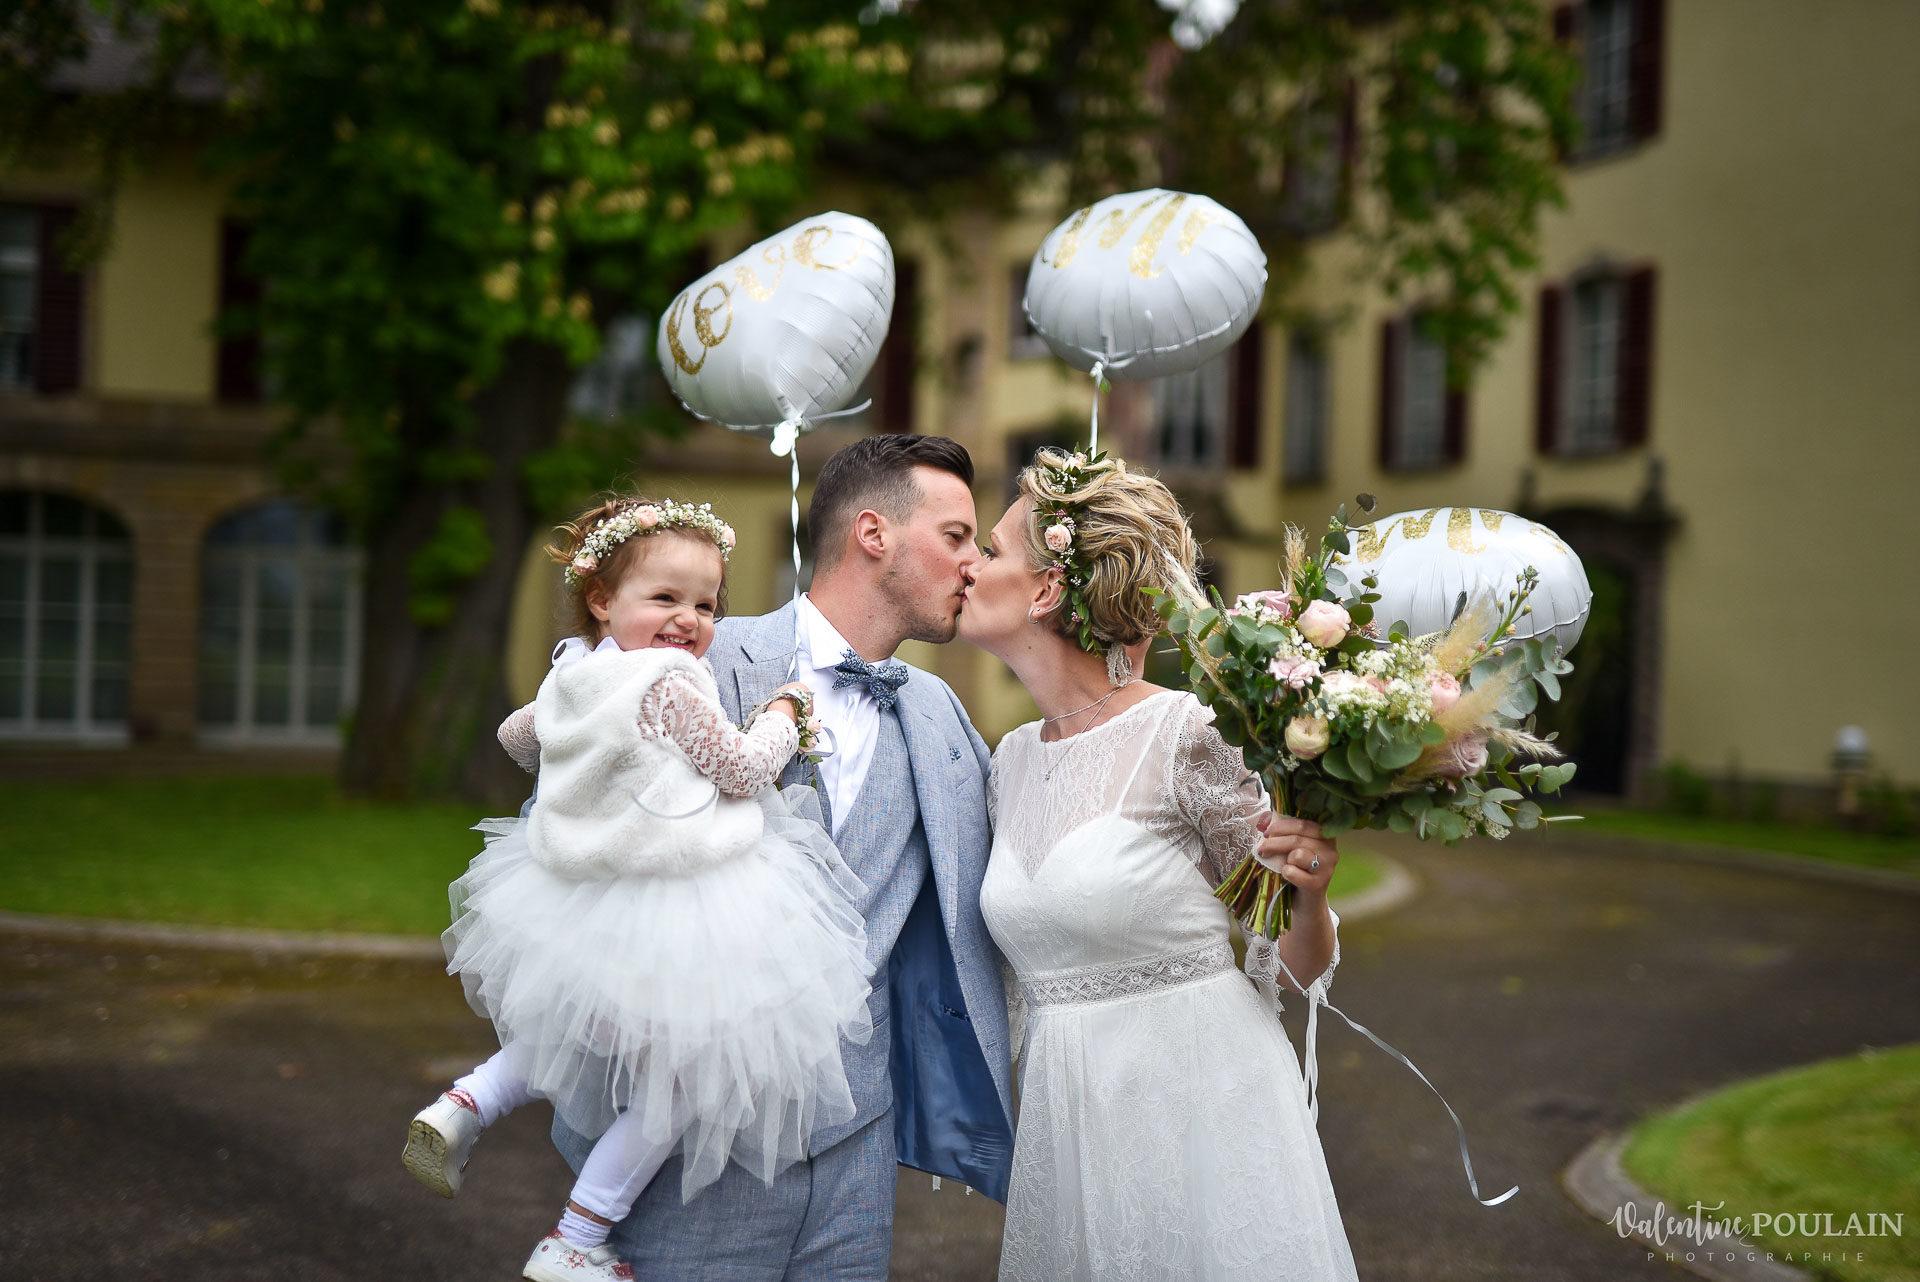 Mariage cité du train famille 3 - Valentine Poulain